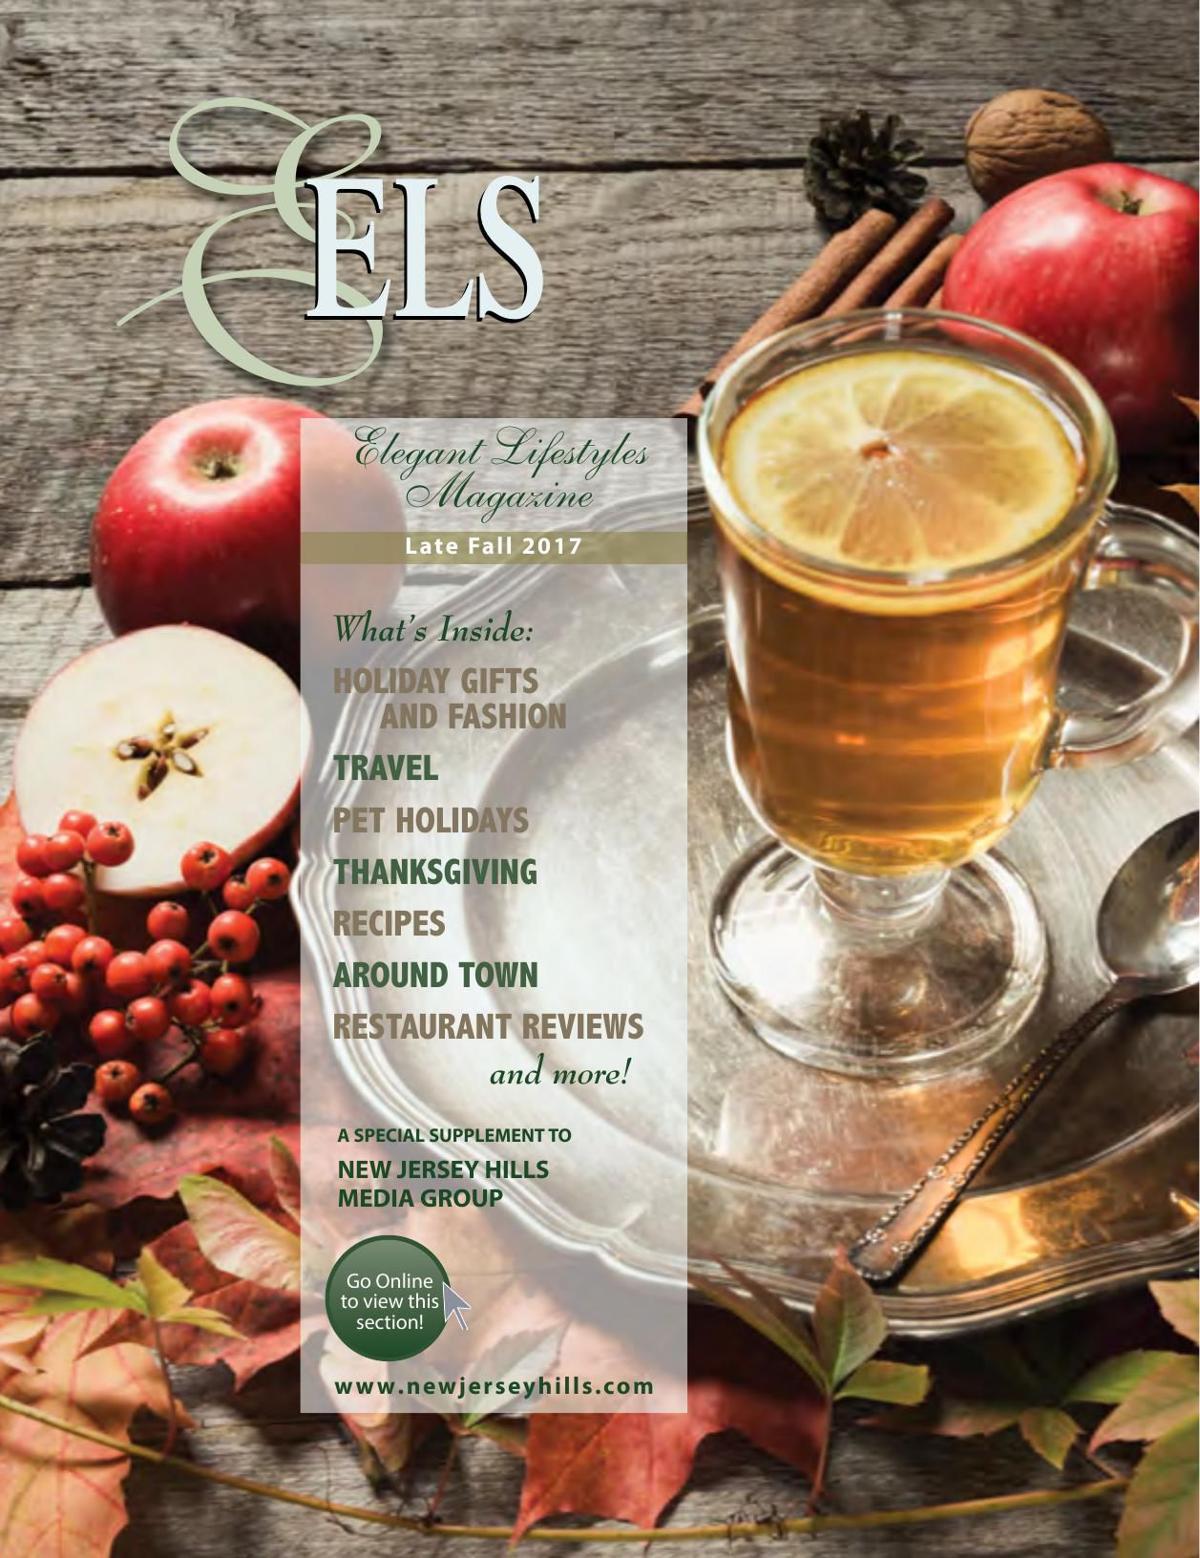 Elegant Lifestyles Magazine - November 2017